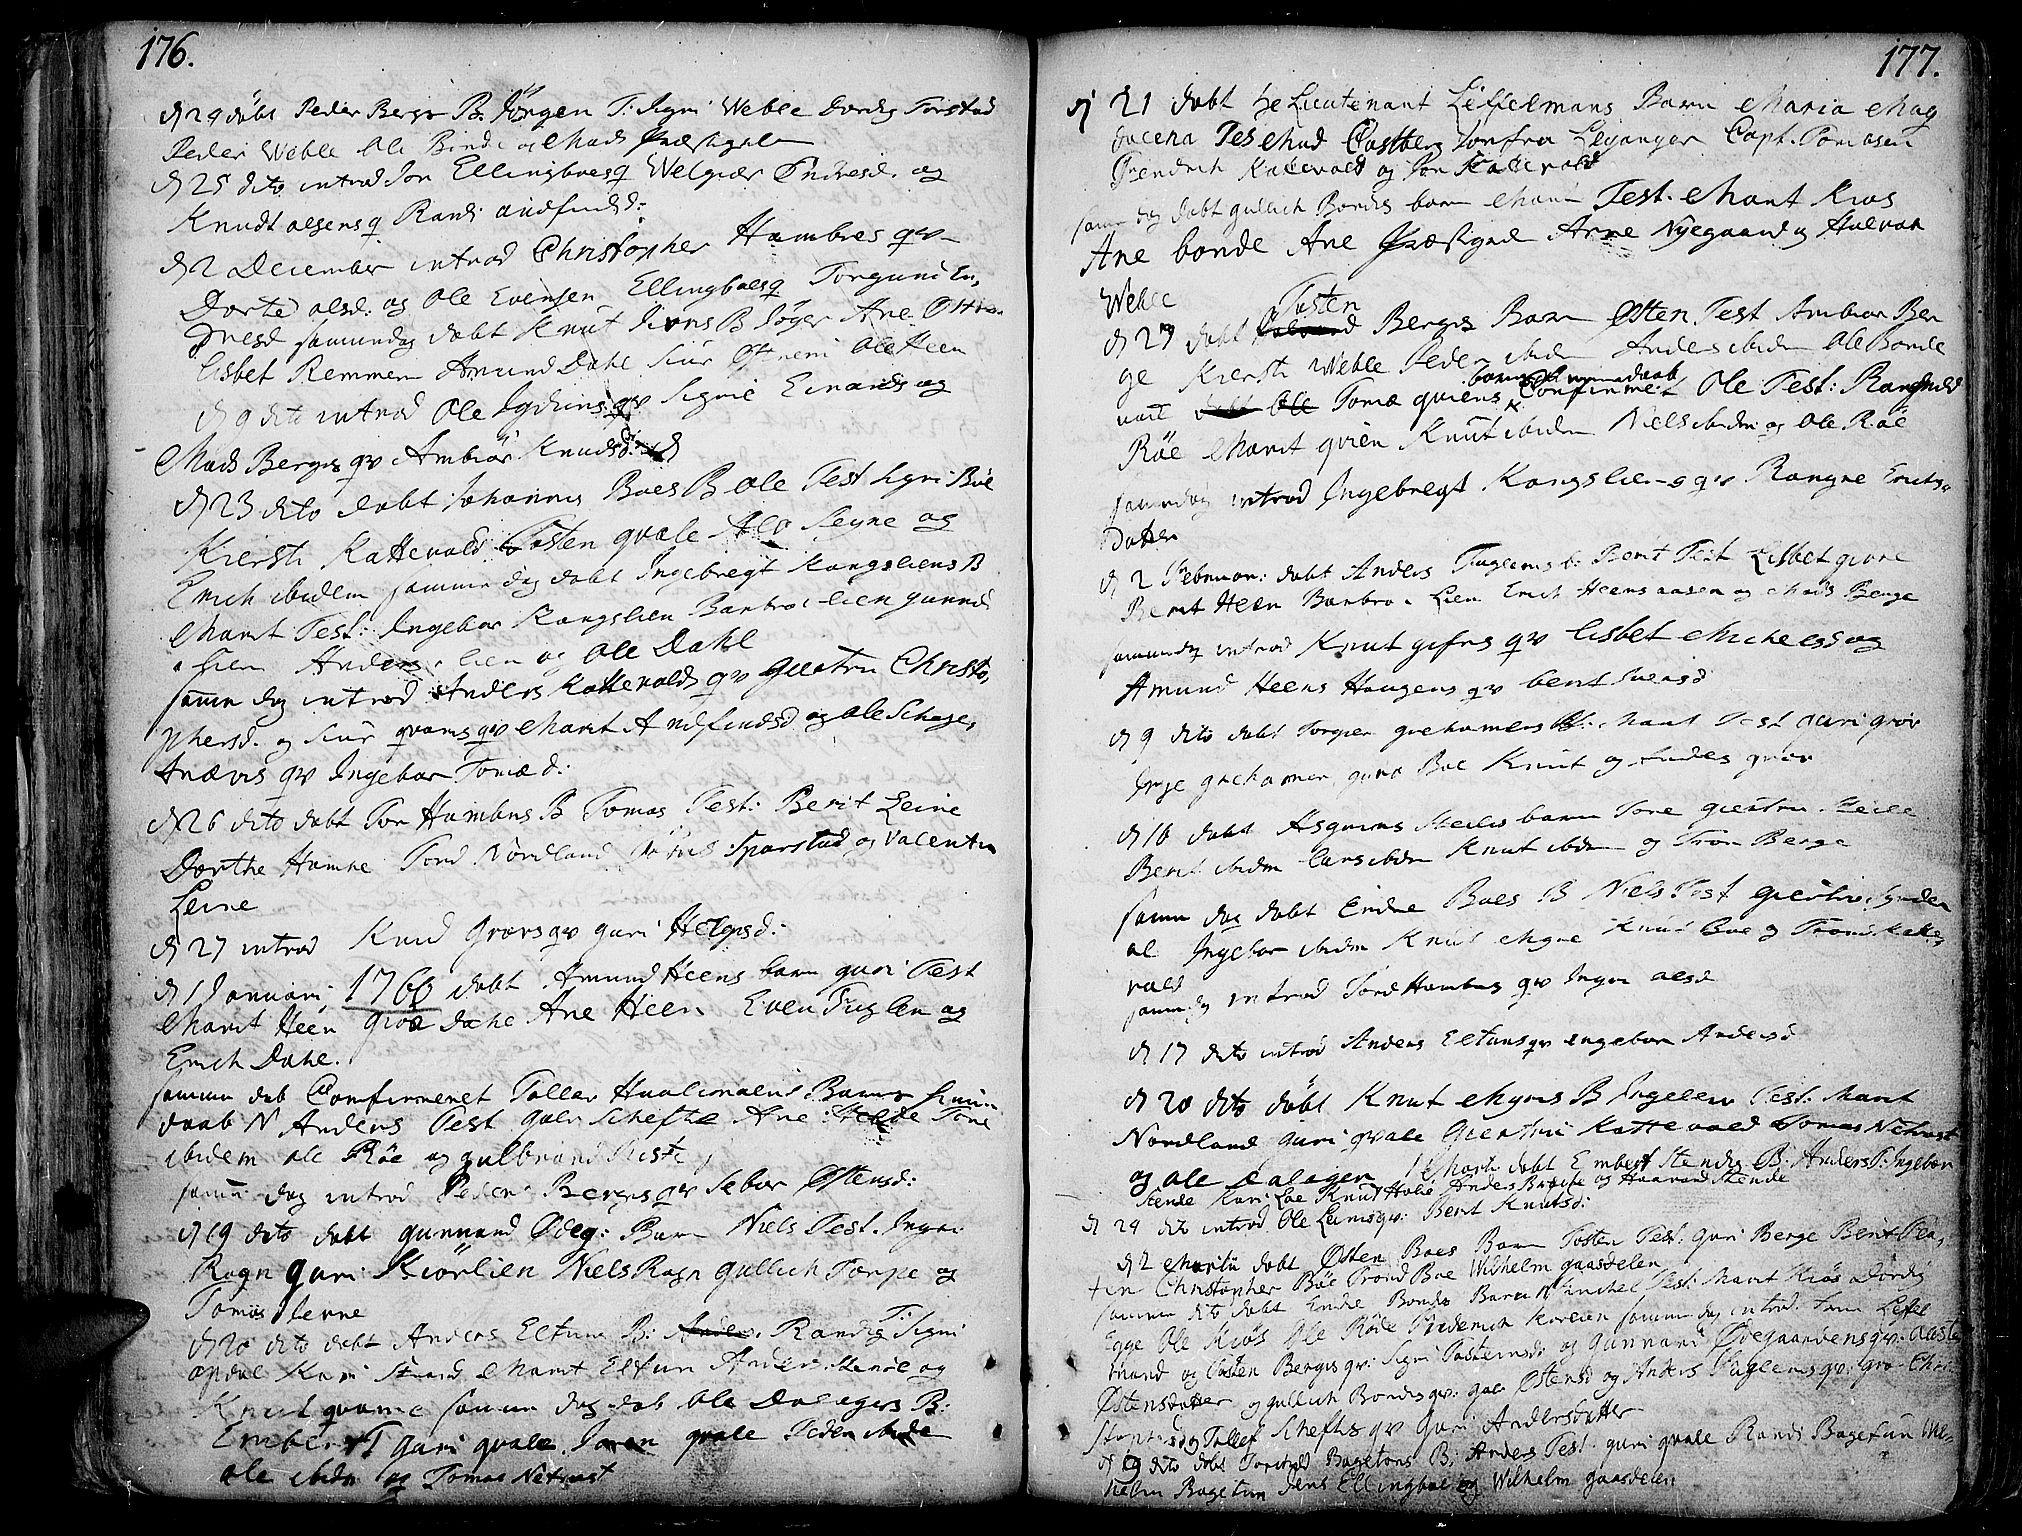 SAH, Vang prestekontor, Valdres, Ministerialbok nr. 1, 1730-1796, s. 176-177